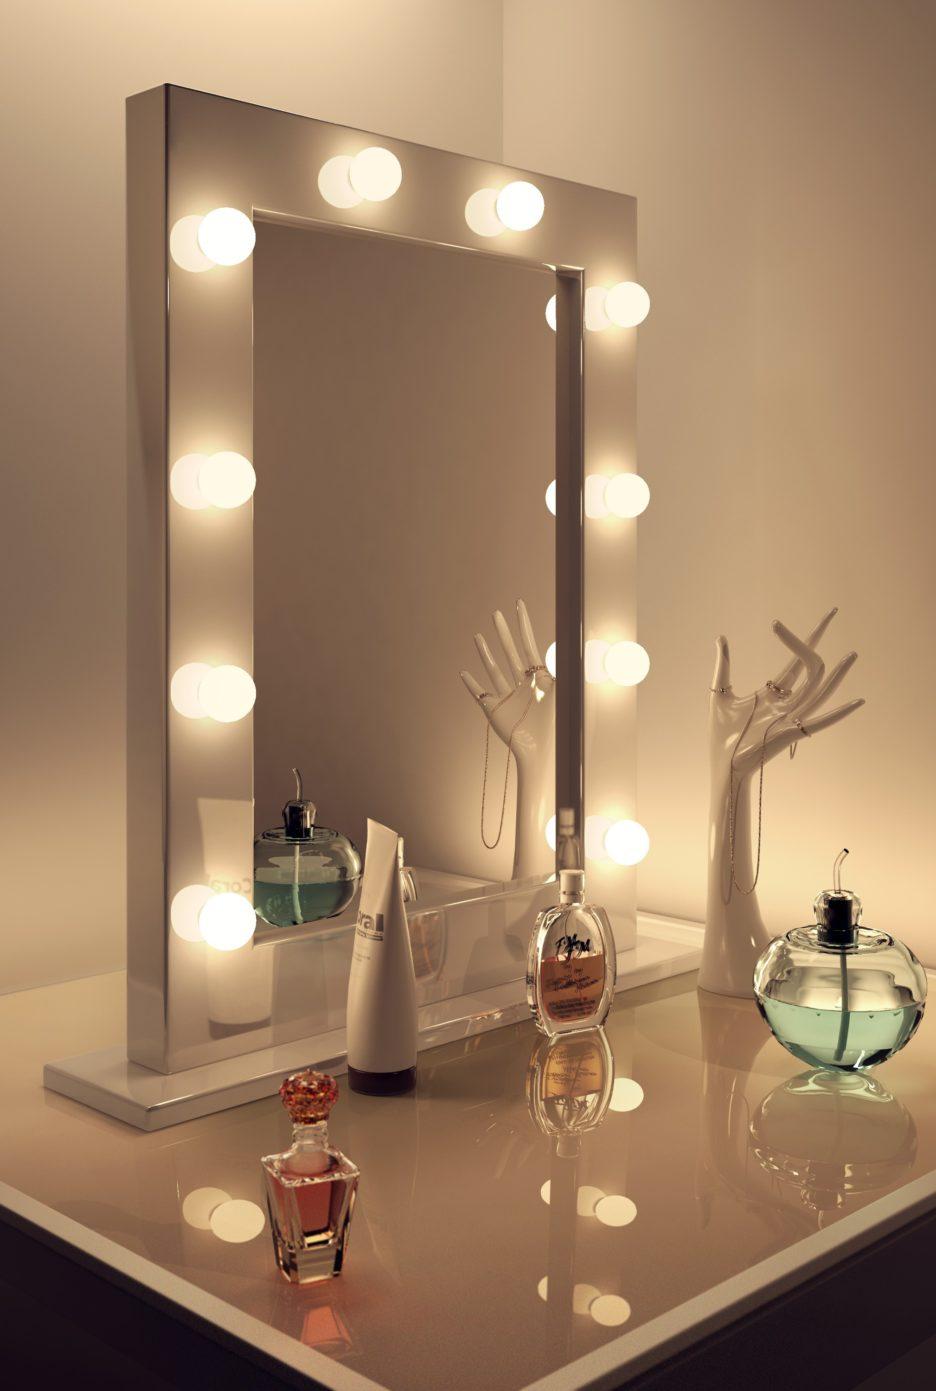 Makeup lamp